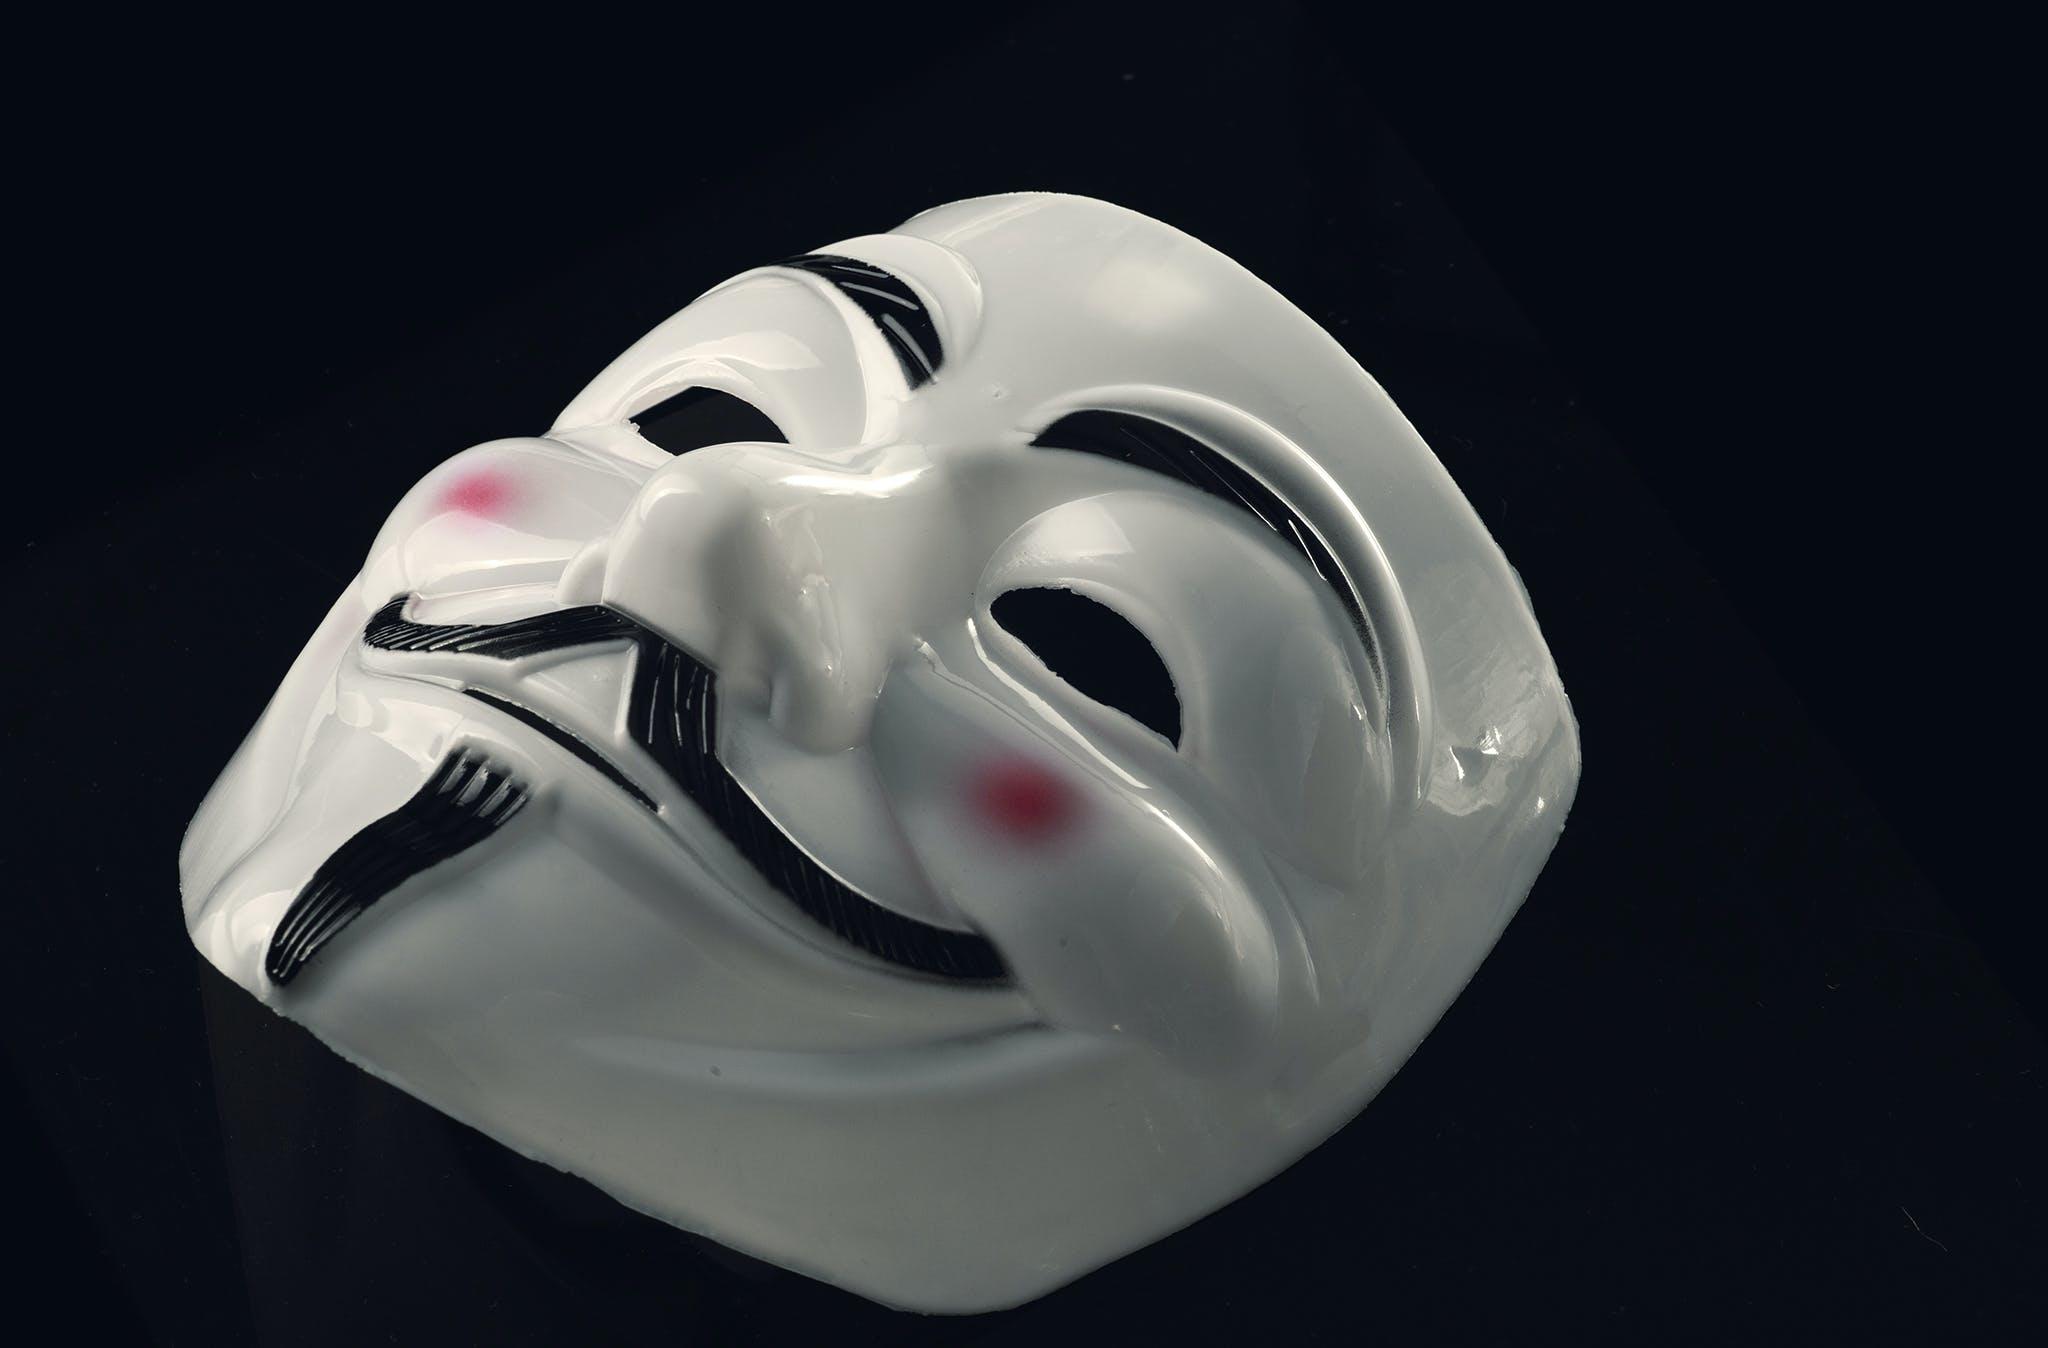 Kostenloses Stock Foto zu anonym, design, fawkes maske, geheimnis